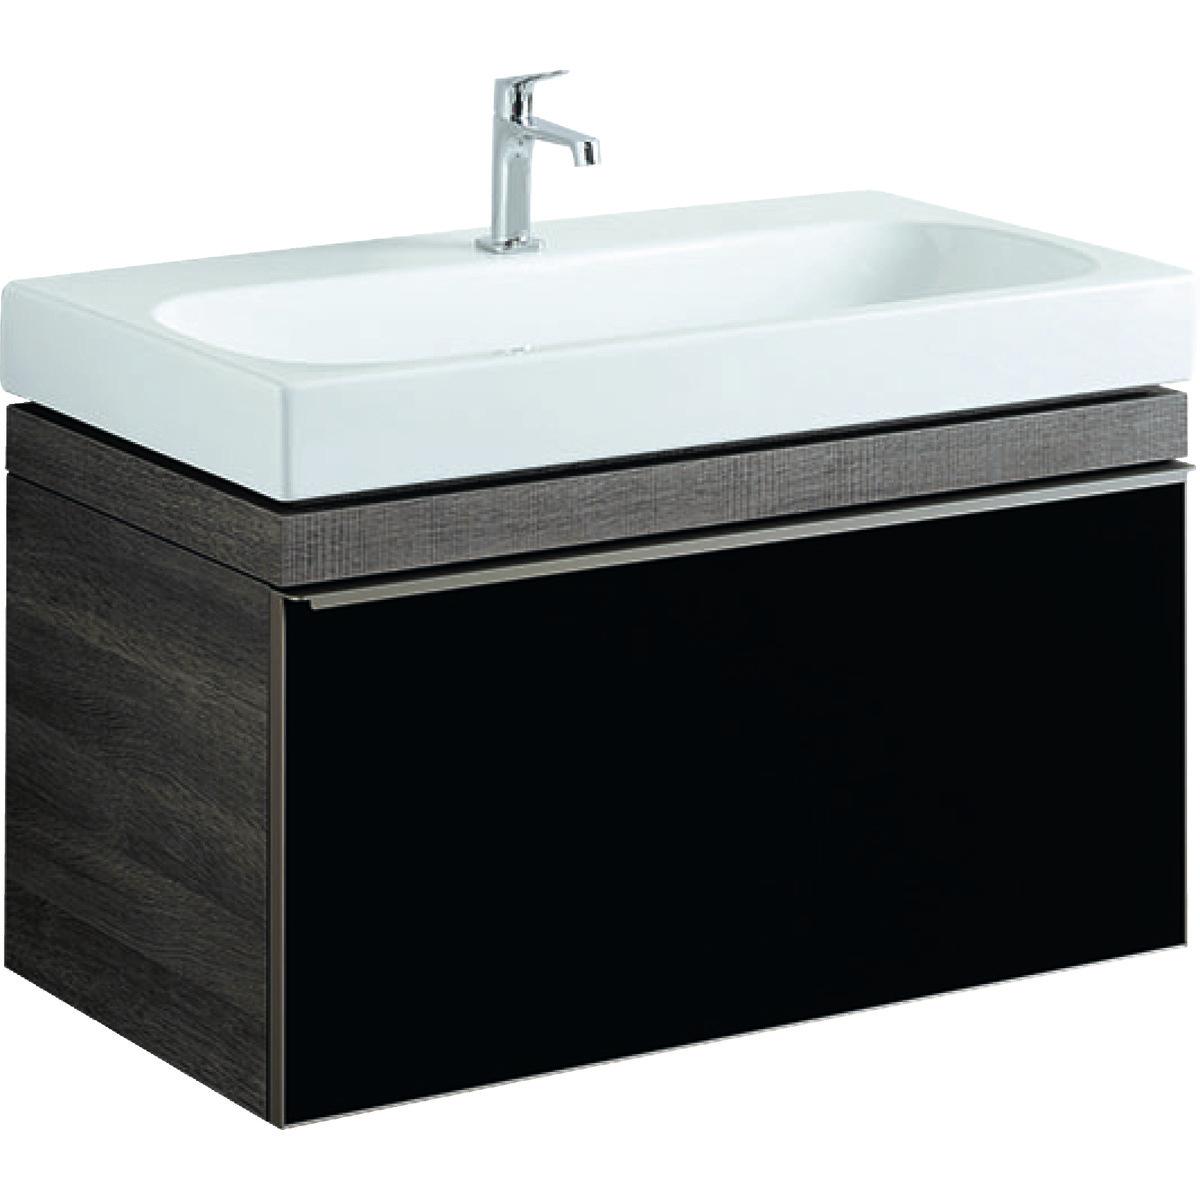 Тумба для раковини Geberit Citterio 90 см, 1 висувний ящик, сіро-коричневий, фасад скло-панель чорний